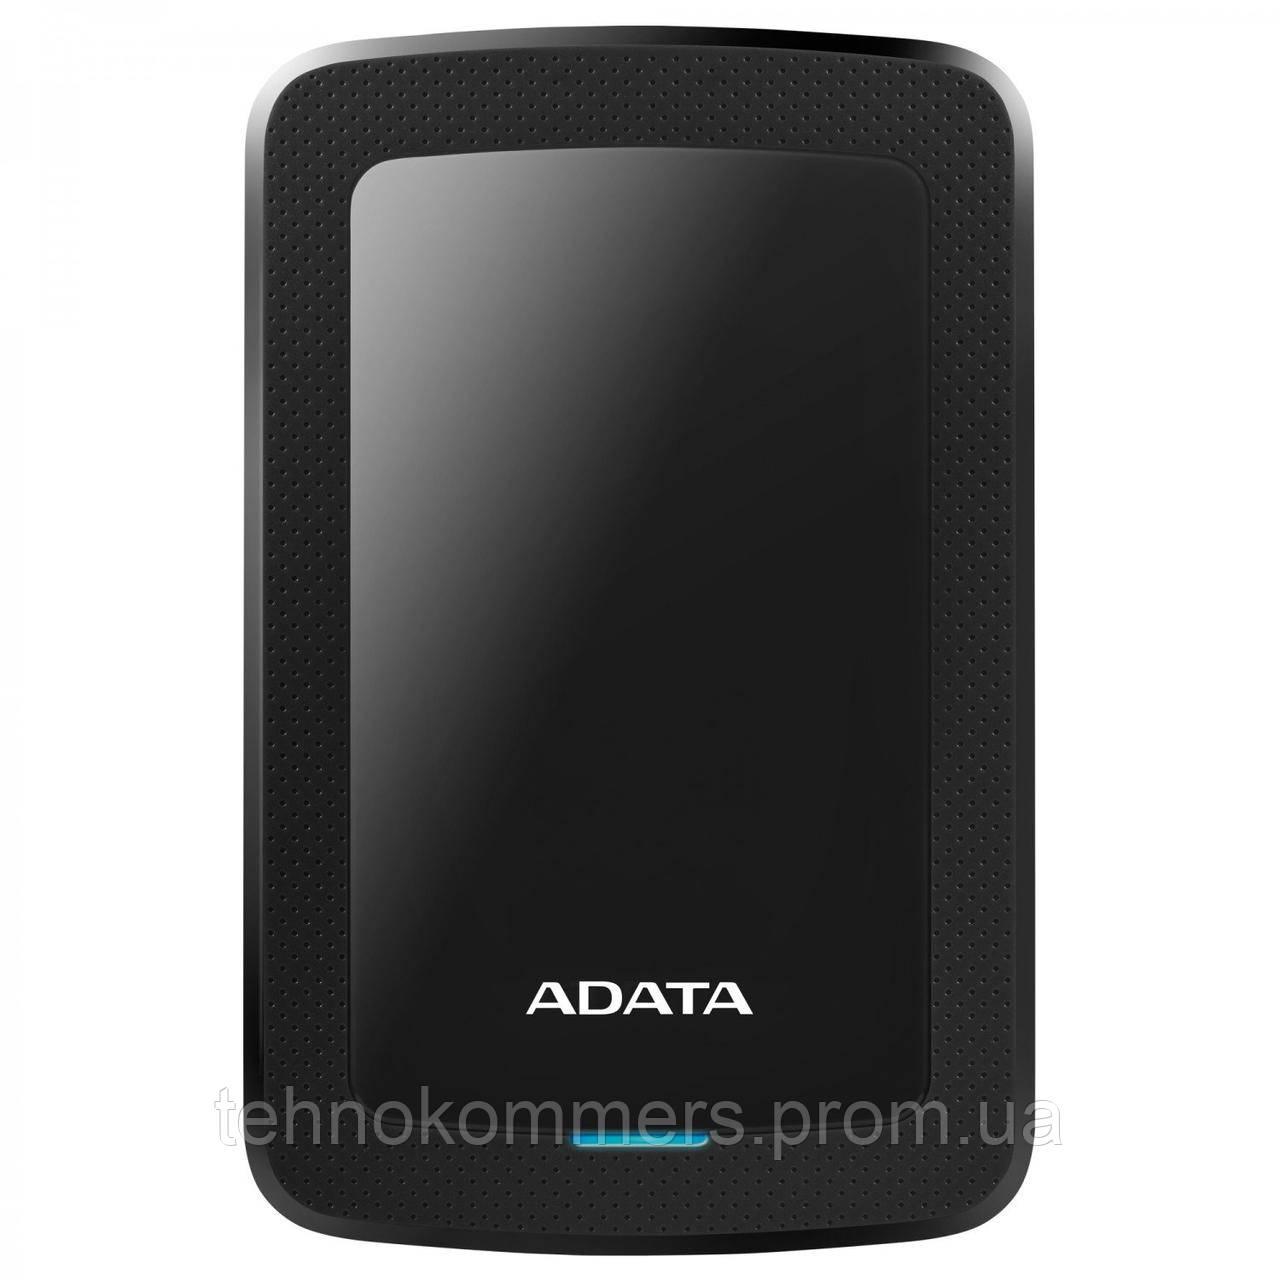 Жорстку зовнішній диск A-DATA USB 3.2 Gen1 HV300 2TB 2,5 Чорний